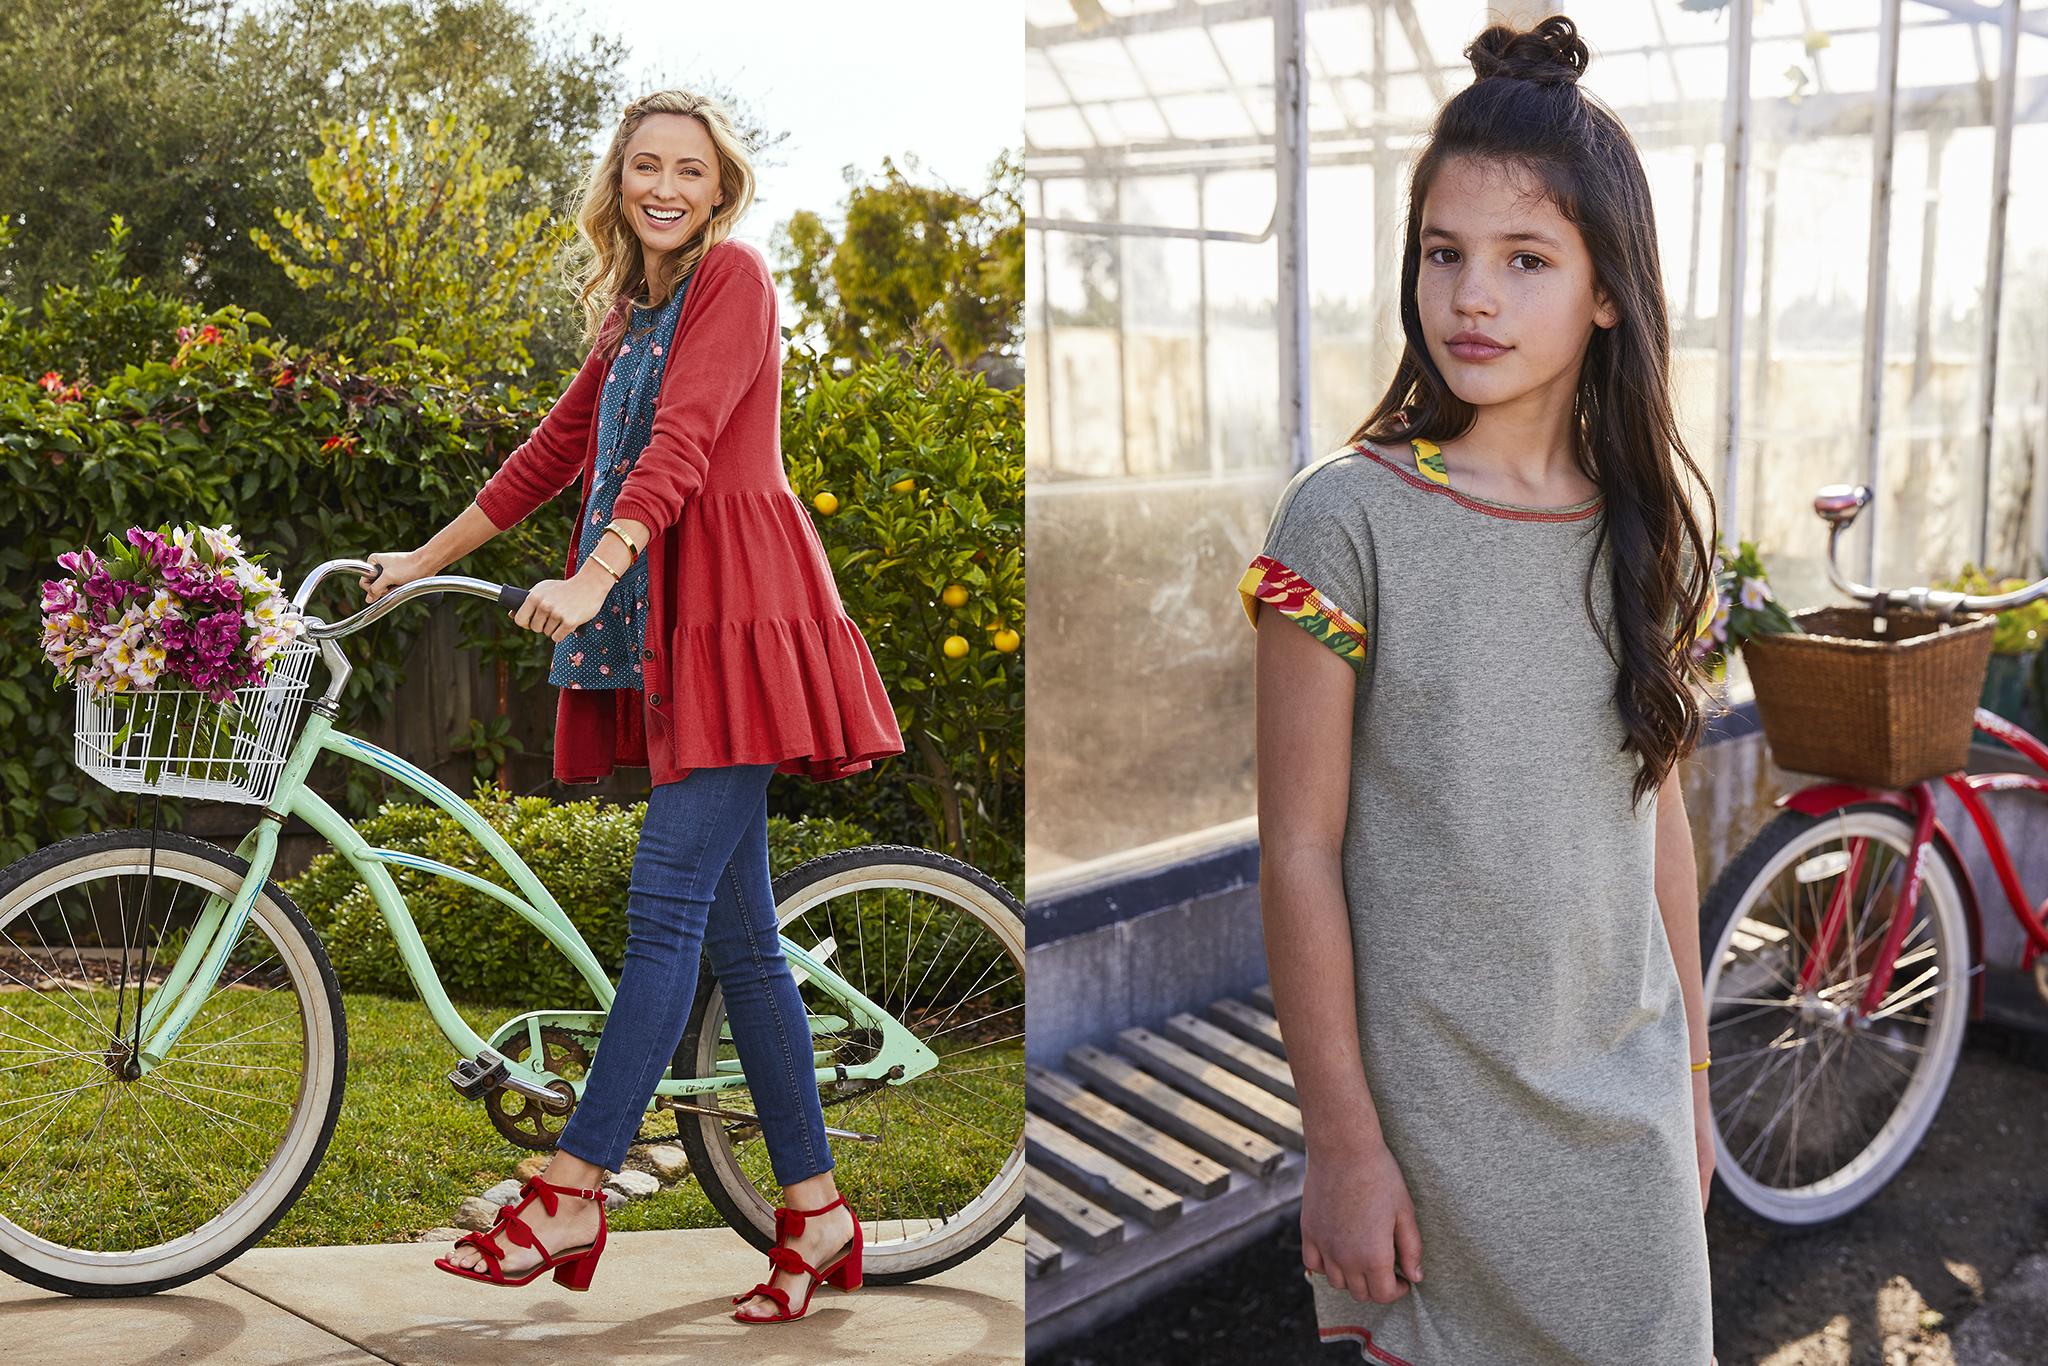 Red Coat Bike and Girl Grey.jpg